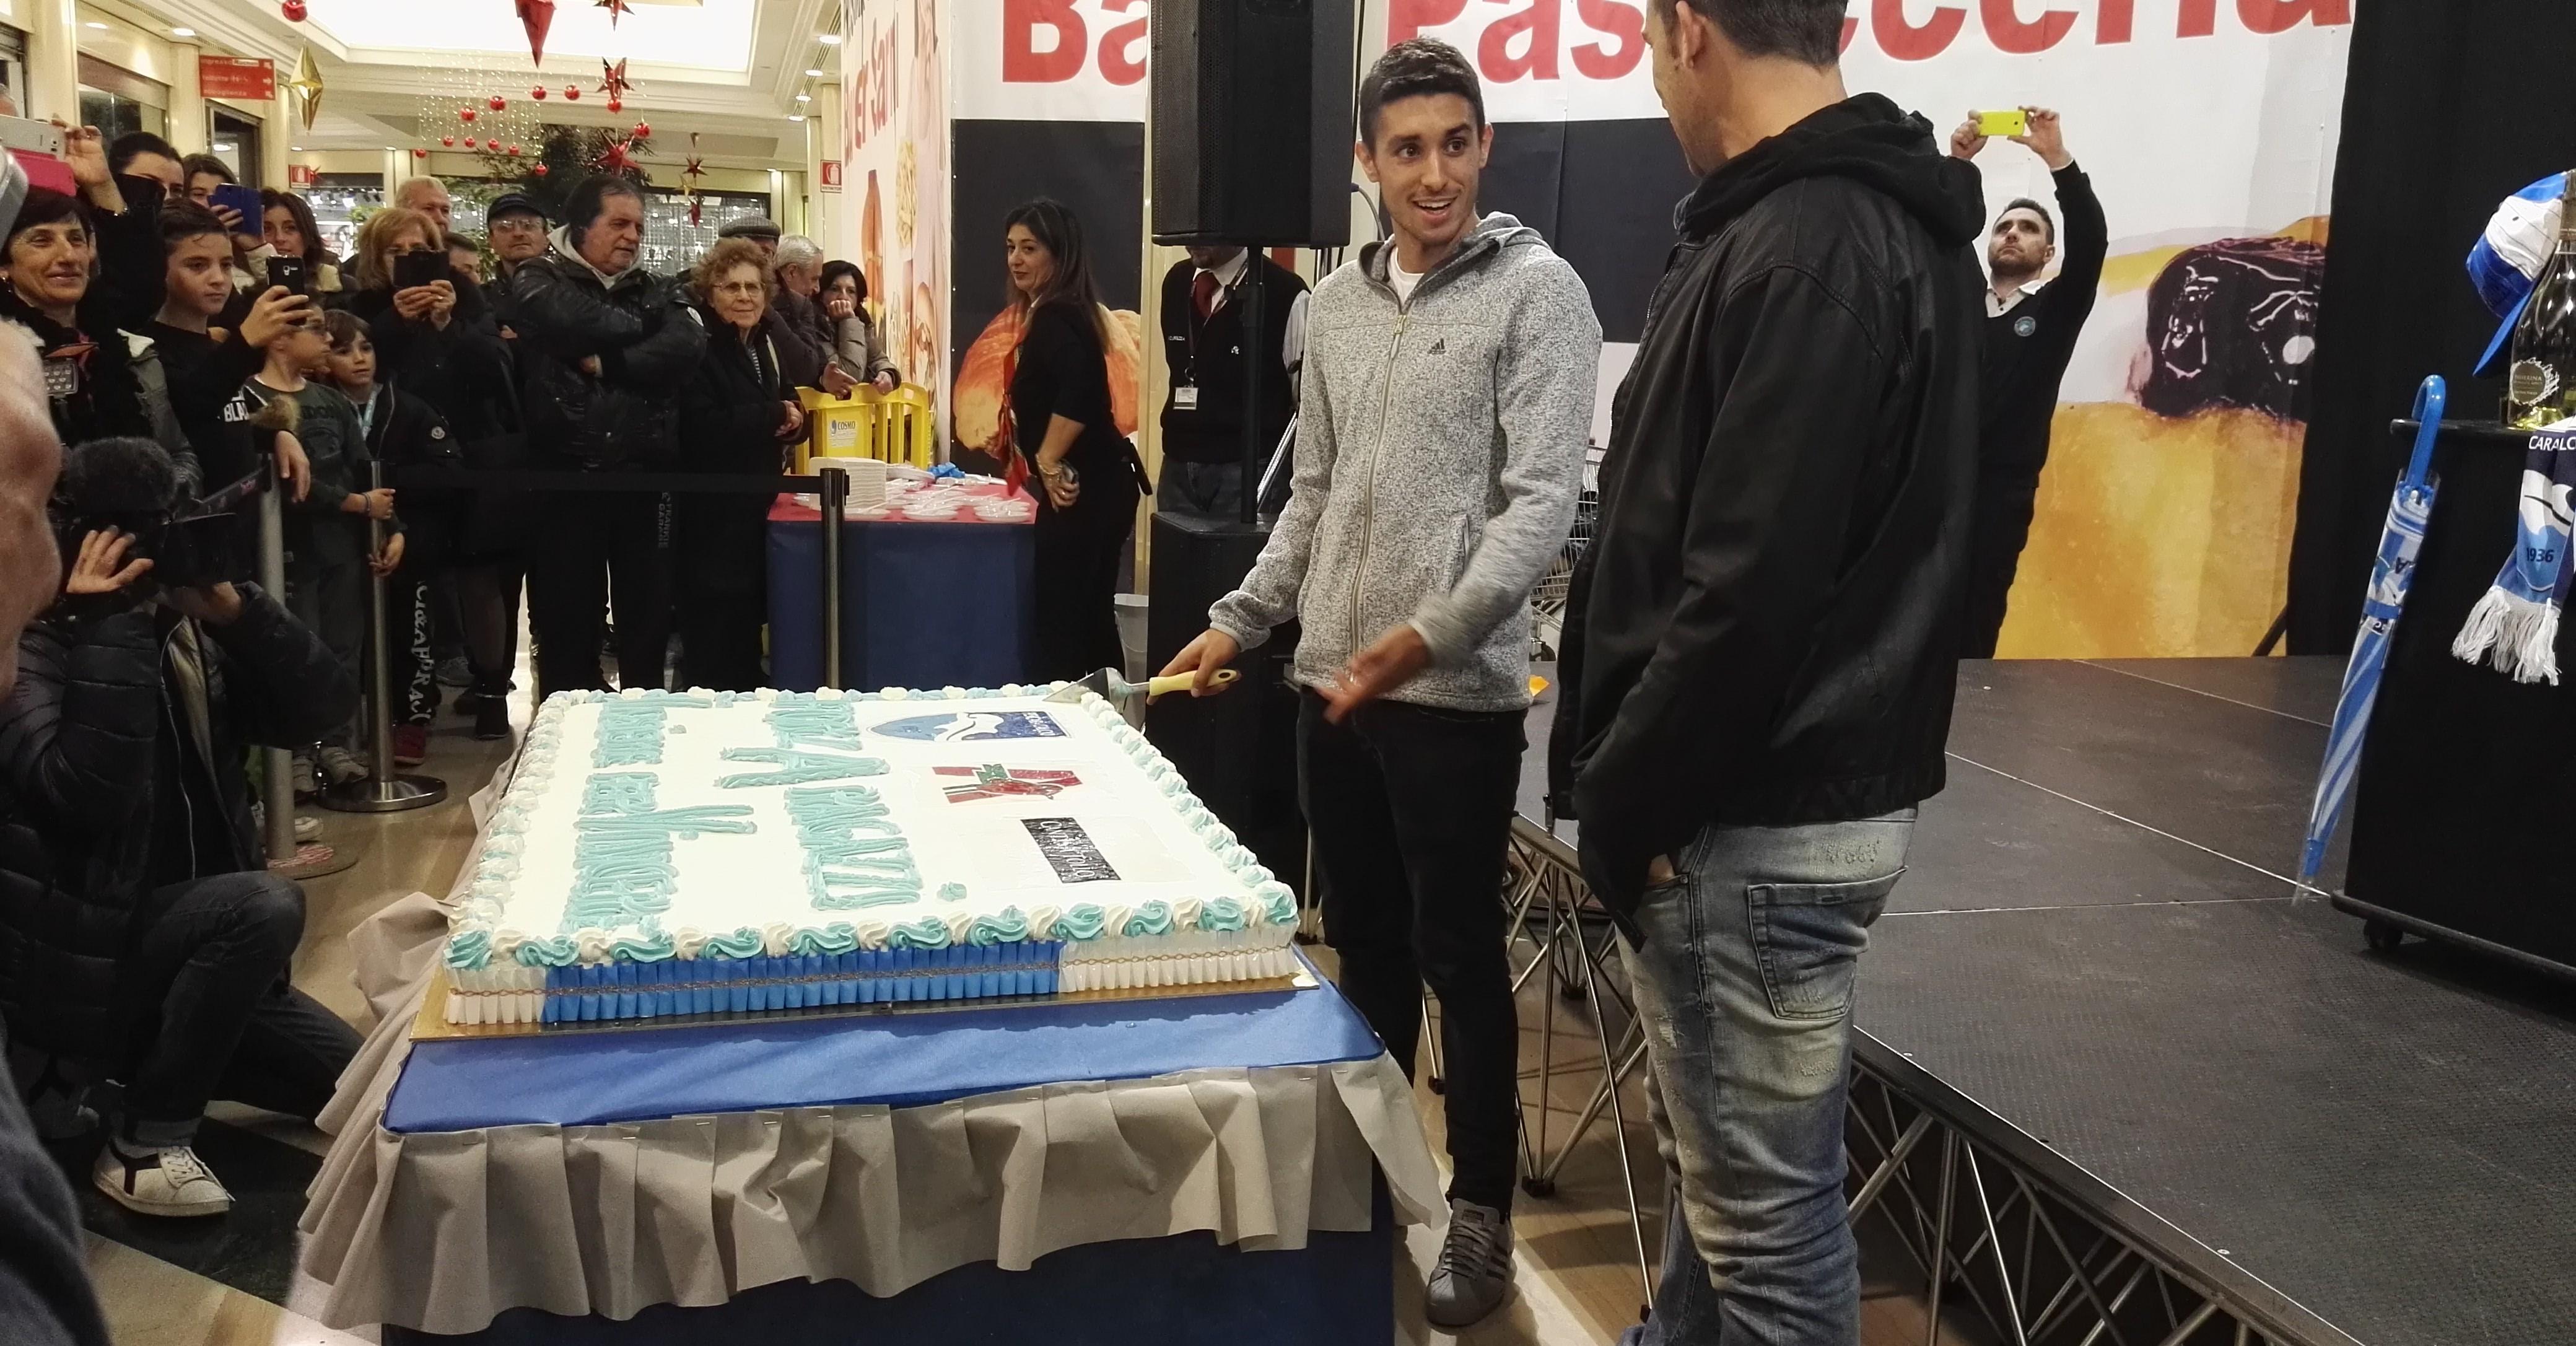 Brugman-e-Campagnaro-mentre-tagliano-la-torta